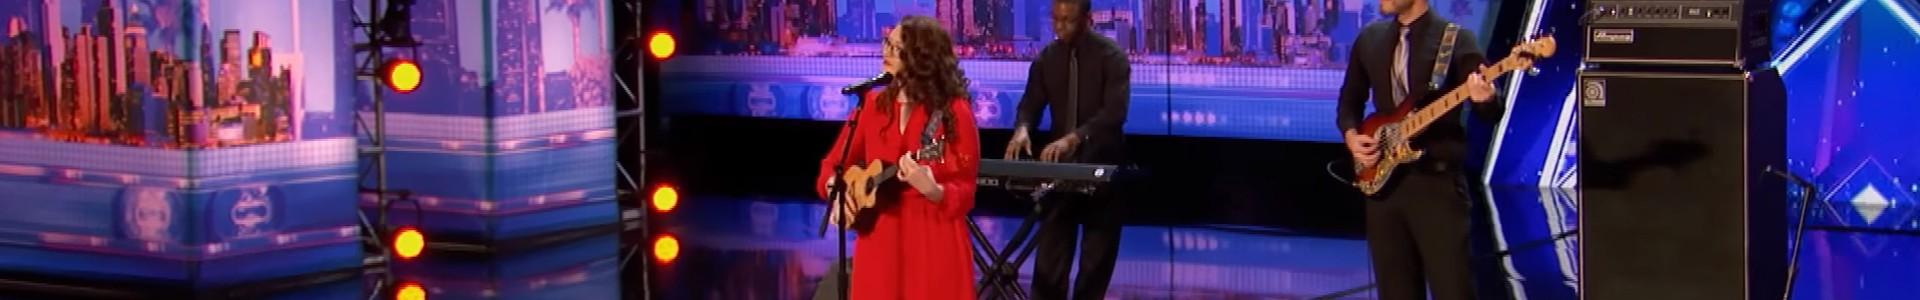 Mandy Harvey: A cantora surda arrasou no America's Got Talent e fez todos se emocionarem